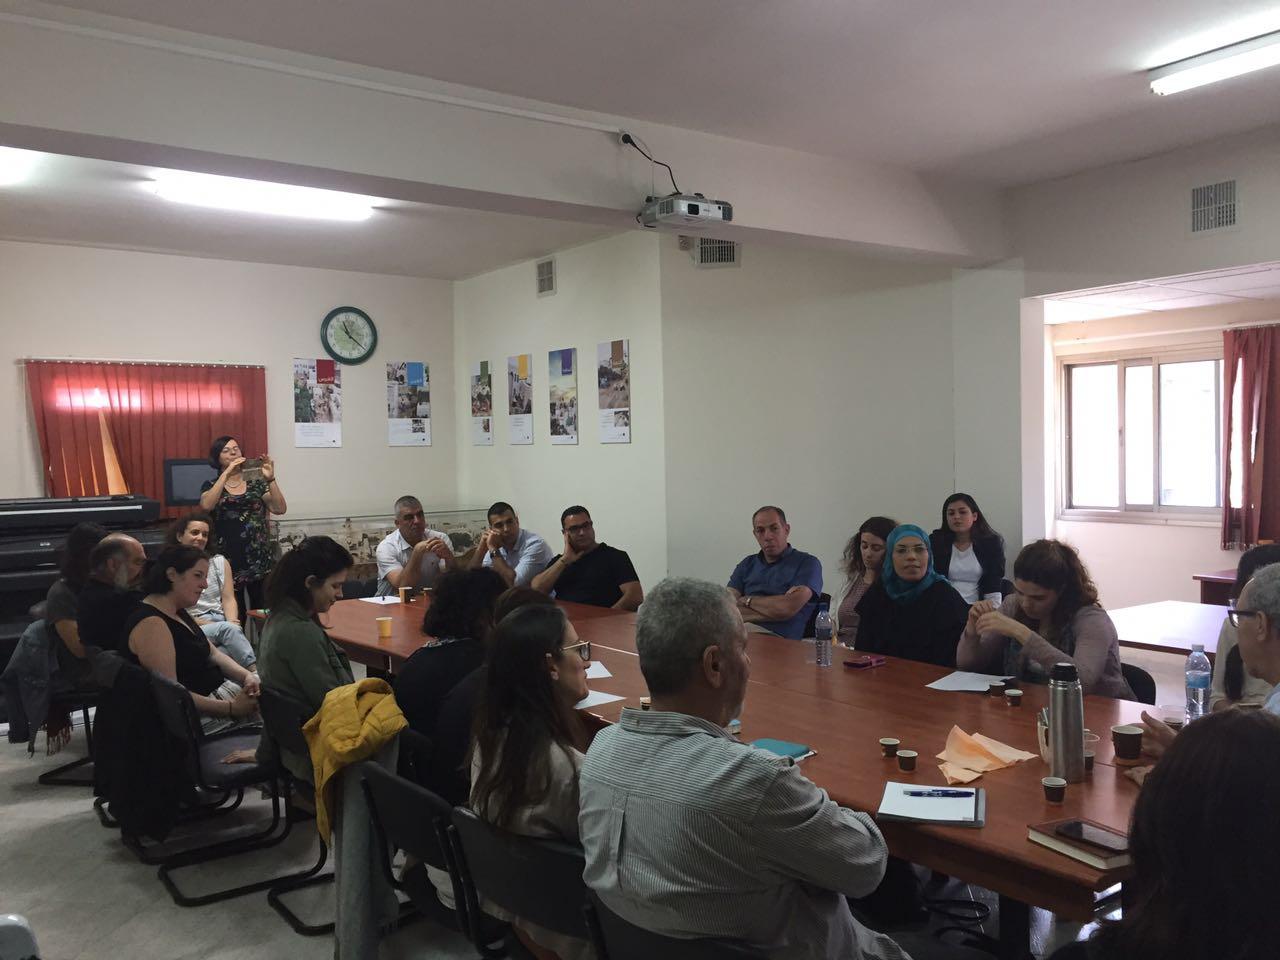 انطلاق الفوج الثالث لدورة وكلاء التغيير للمهنيين في مجال التخطيط والهندسة للمركز العربي للتخطيط البديل ومدرسة واحة السلام